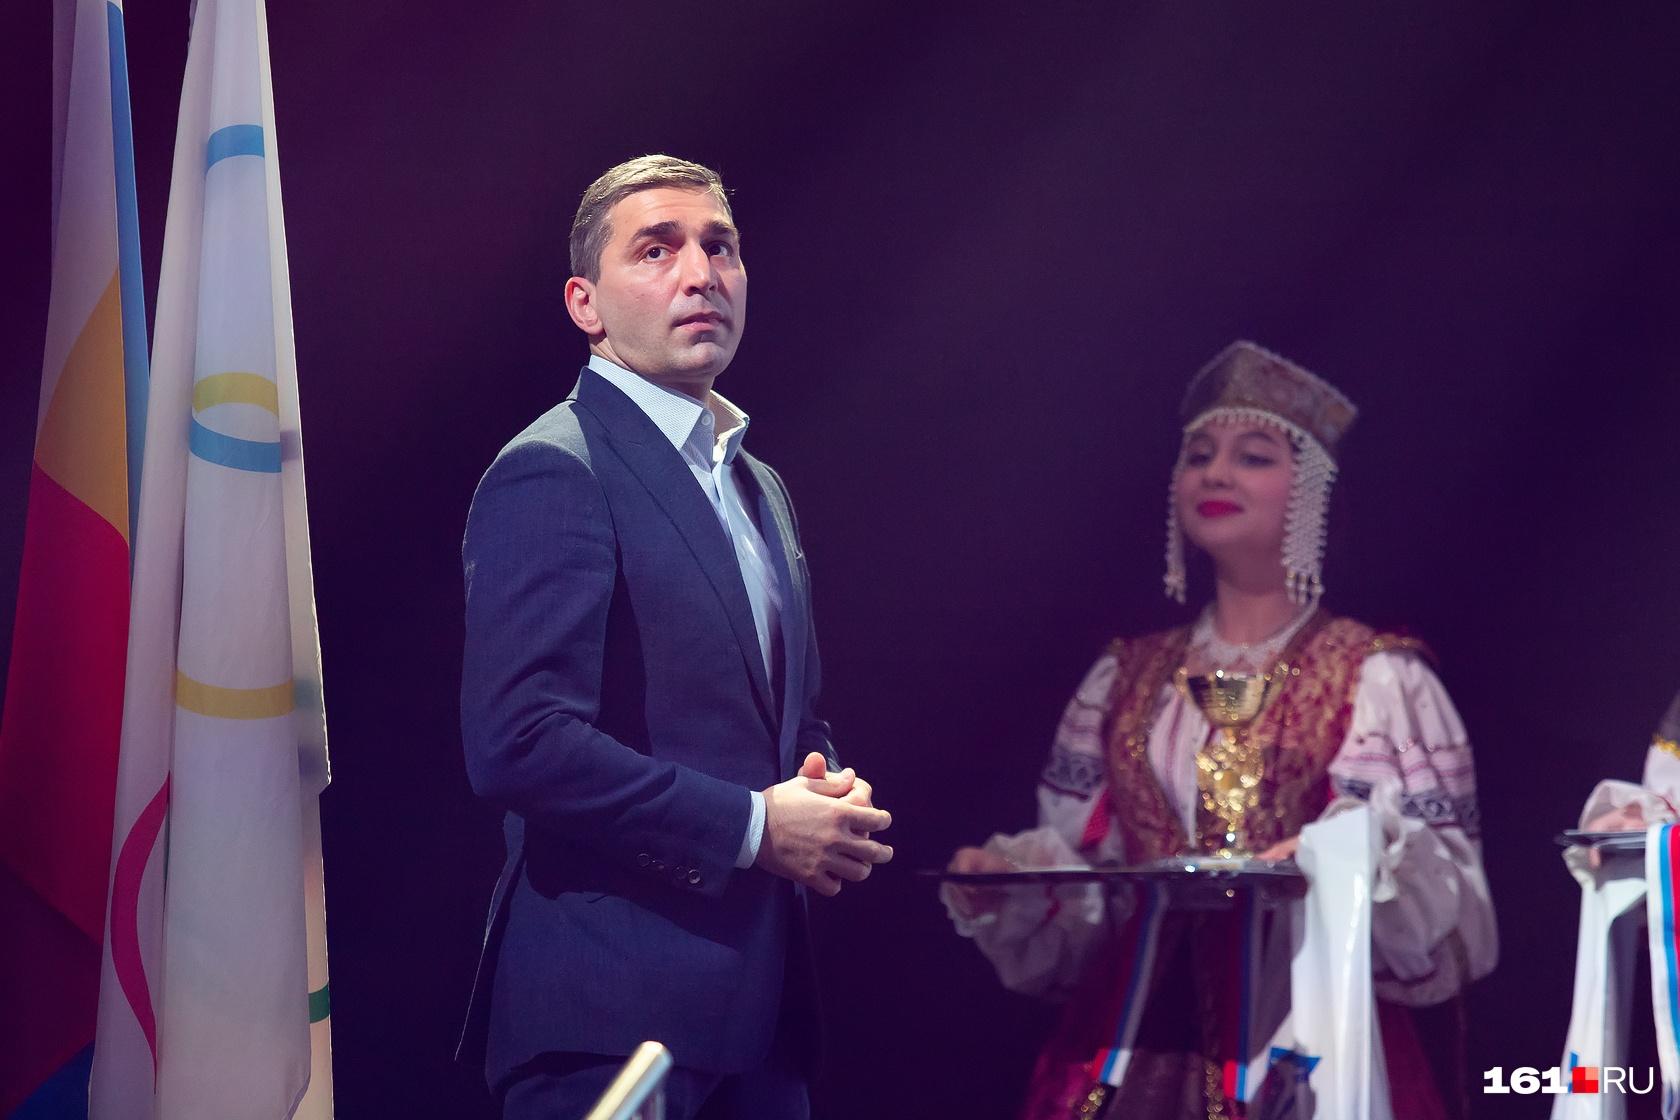 Награды спортсменам вручал олимпийский чемпион Вартерес Самургашев